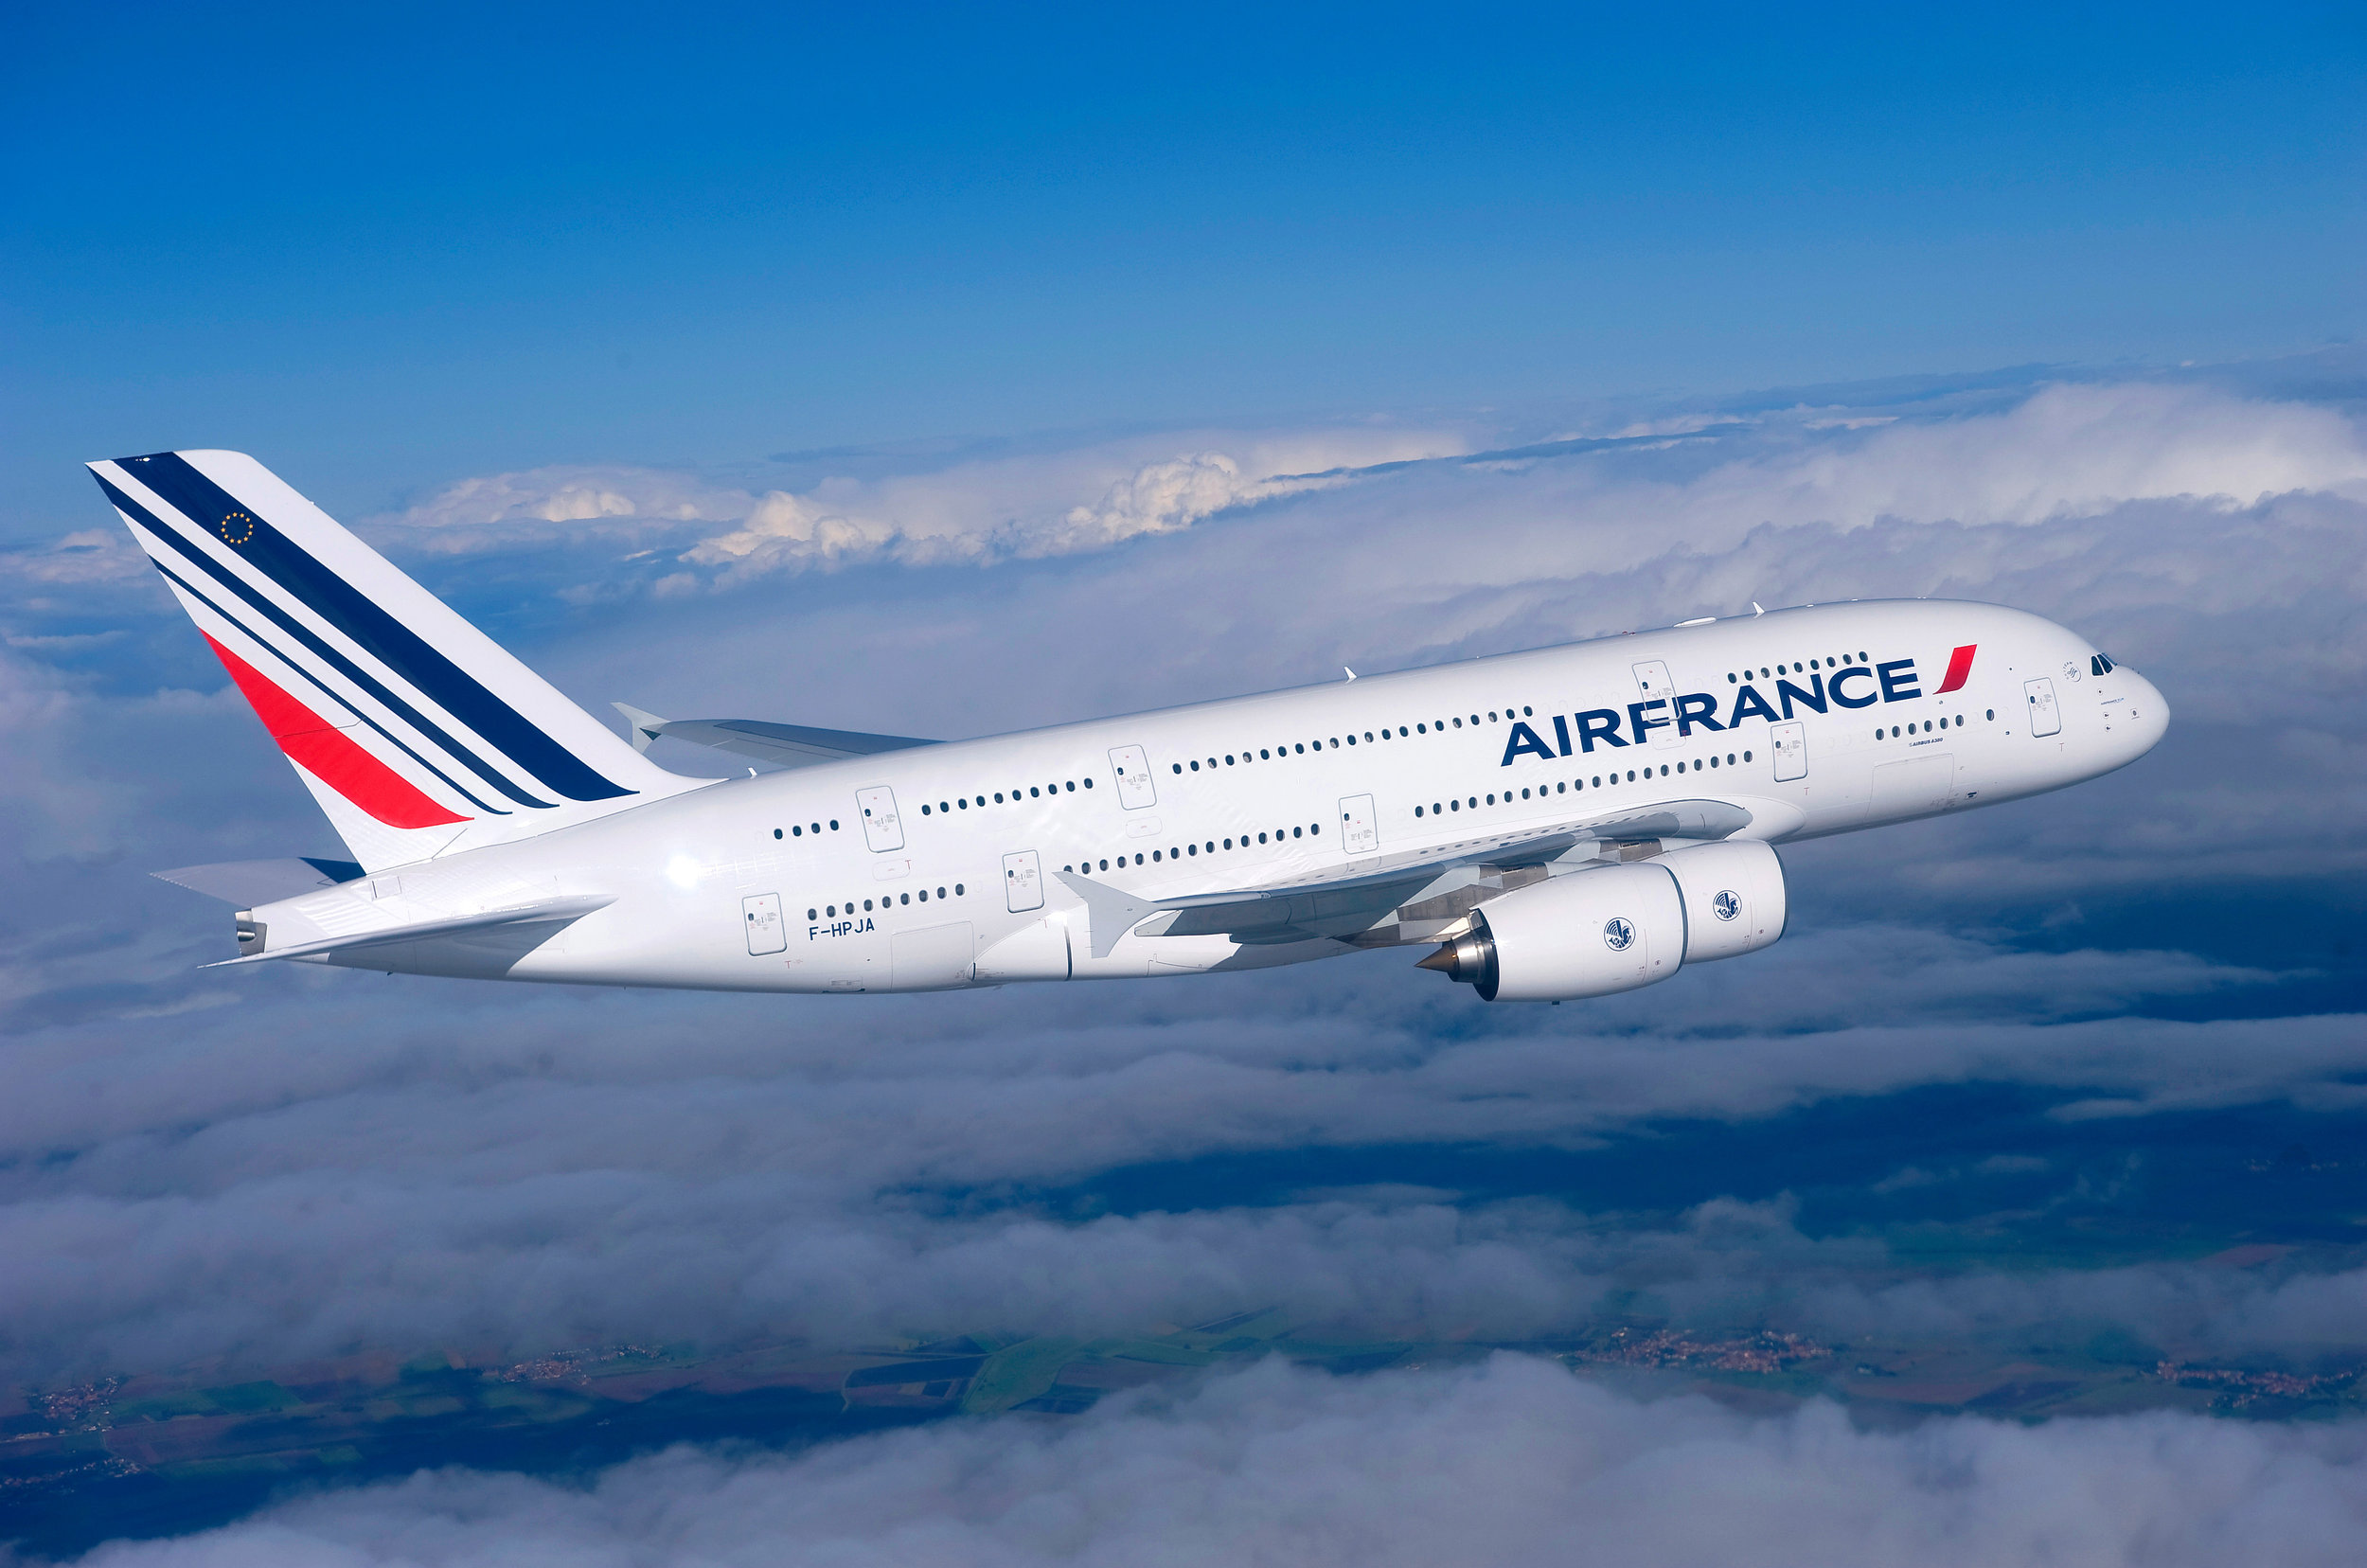 Air France A-380